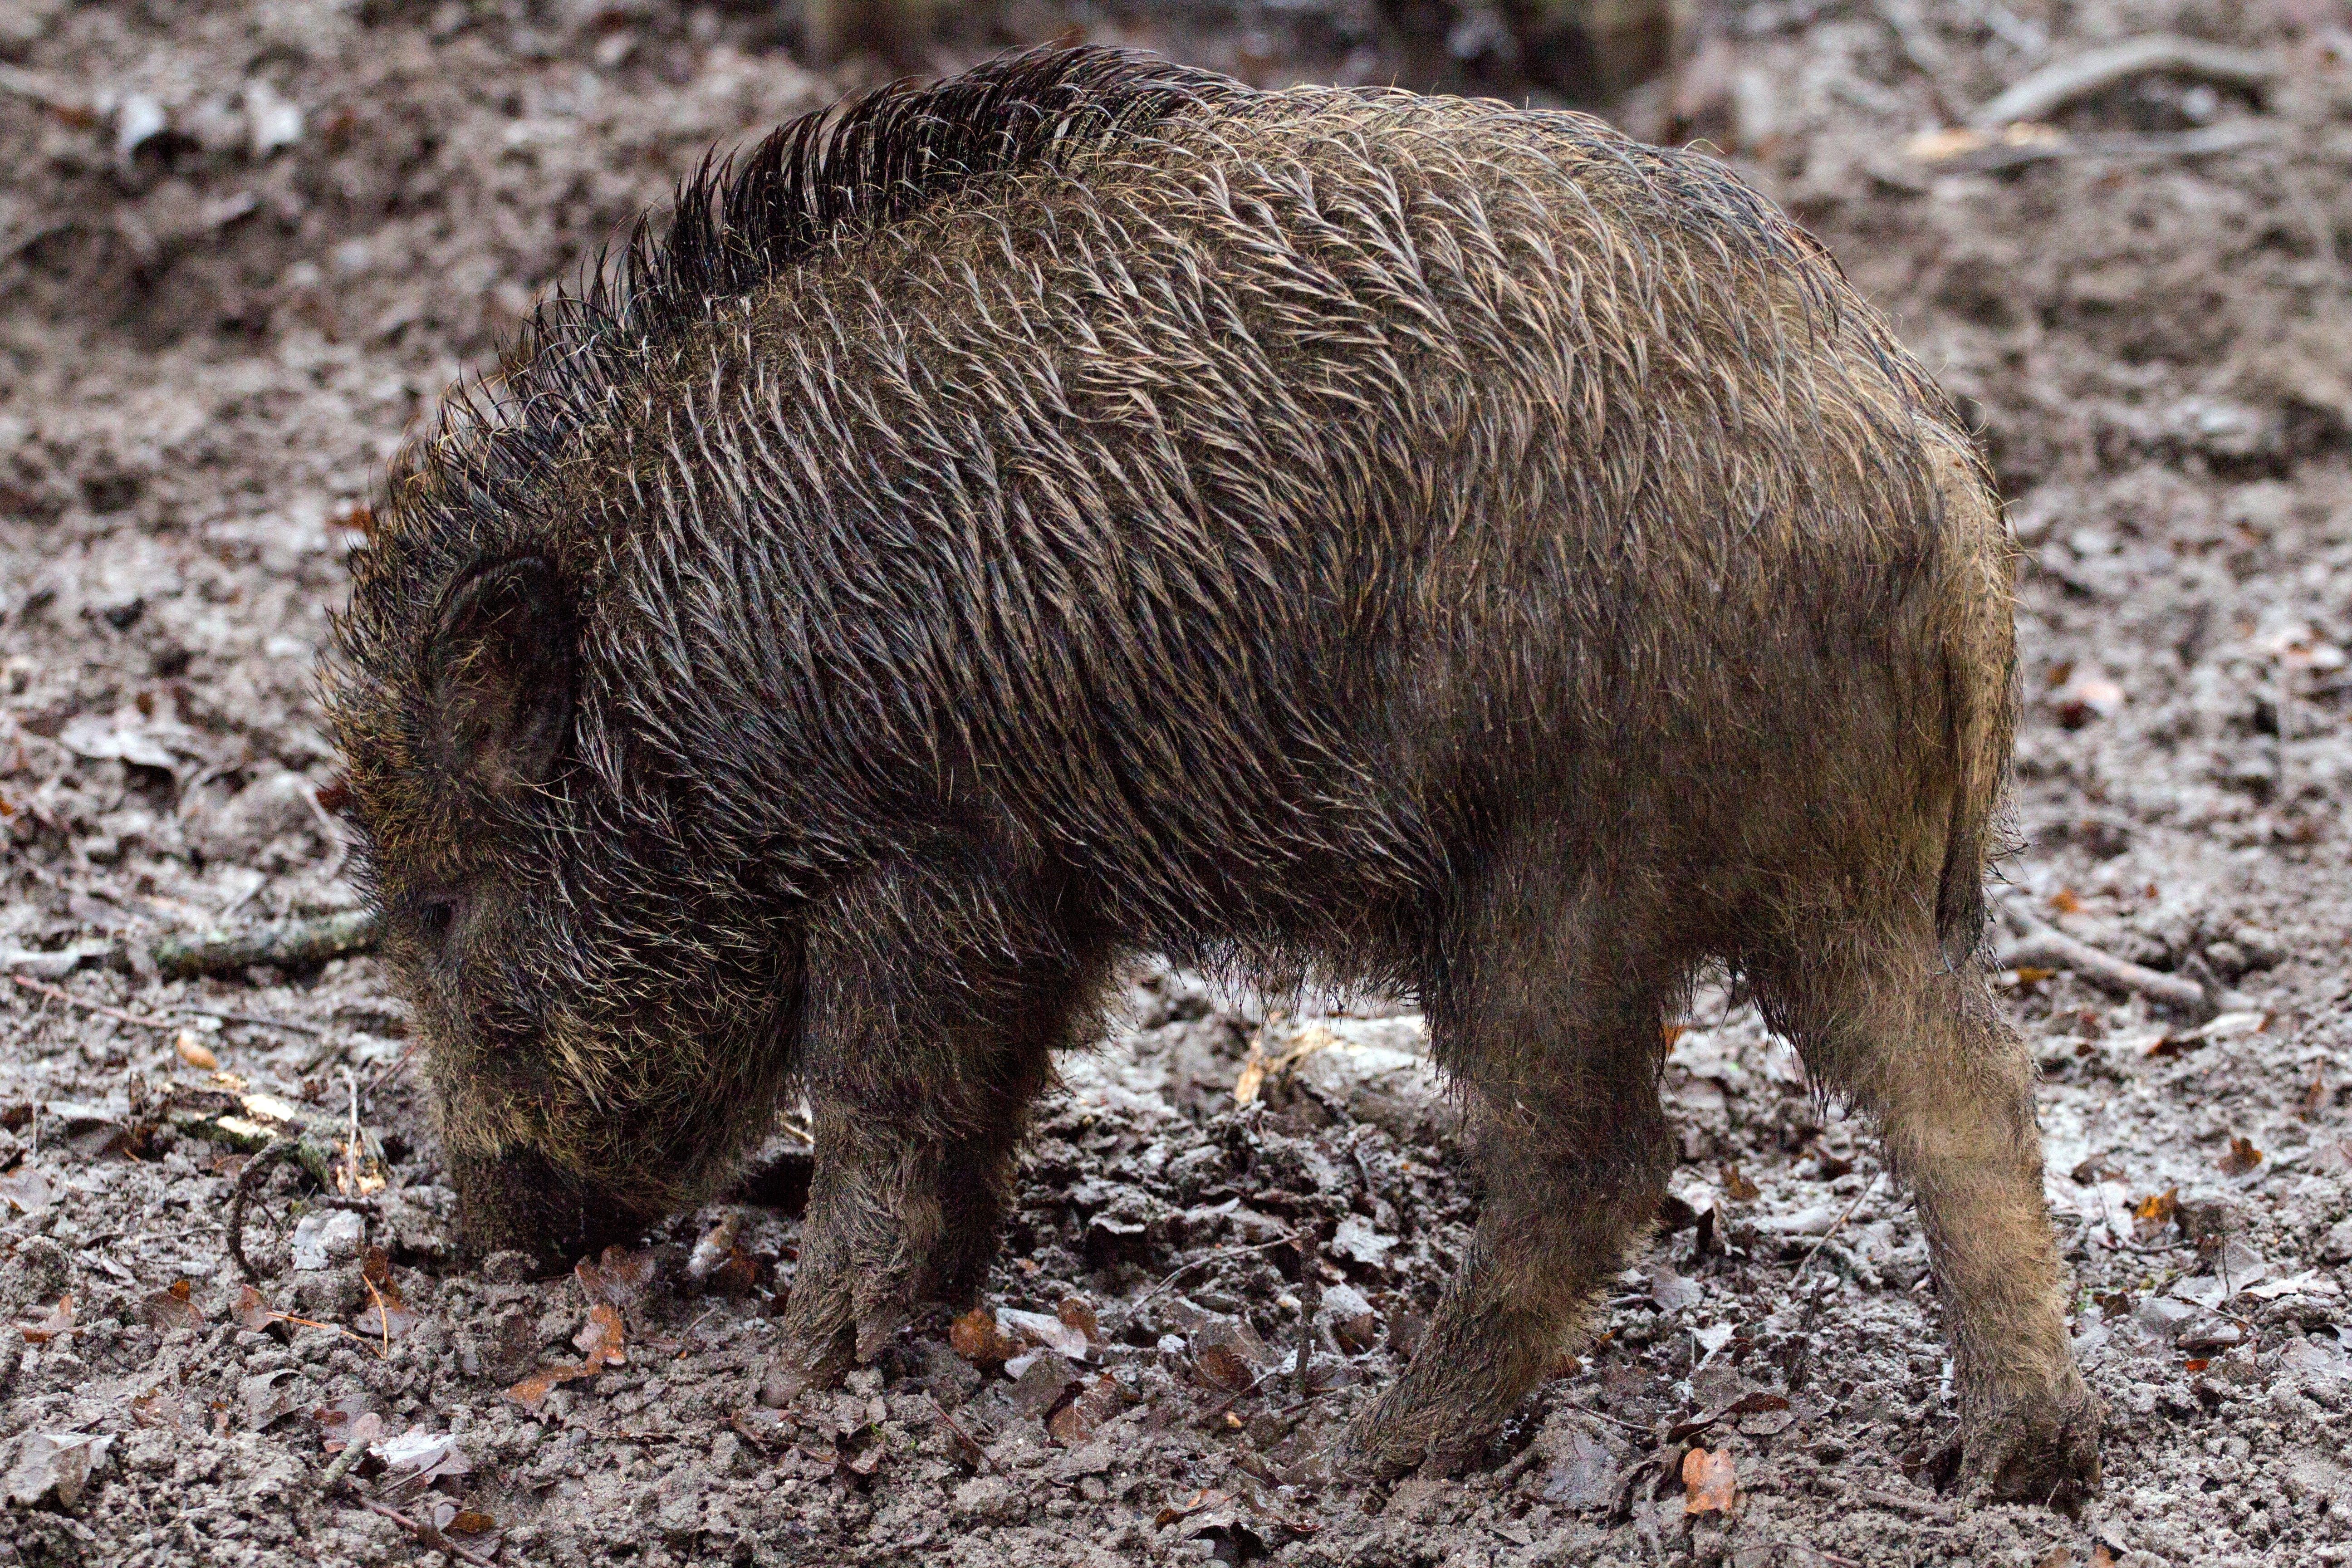 Brown Wild Boar on Dirt Ground at Daytime